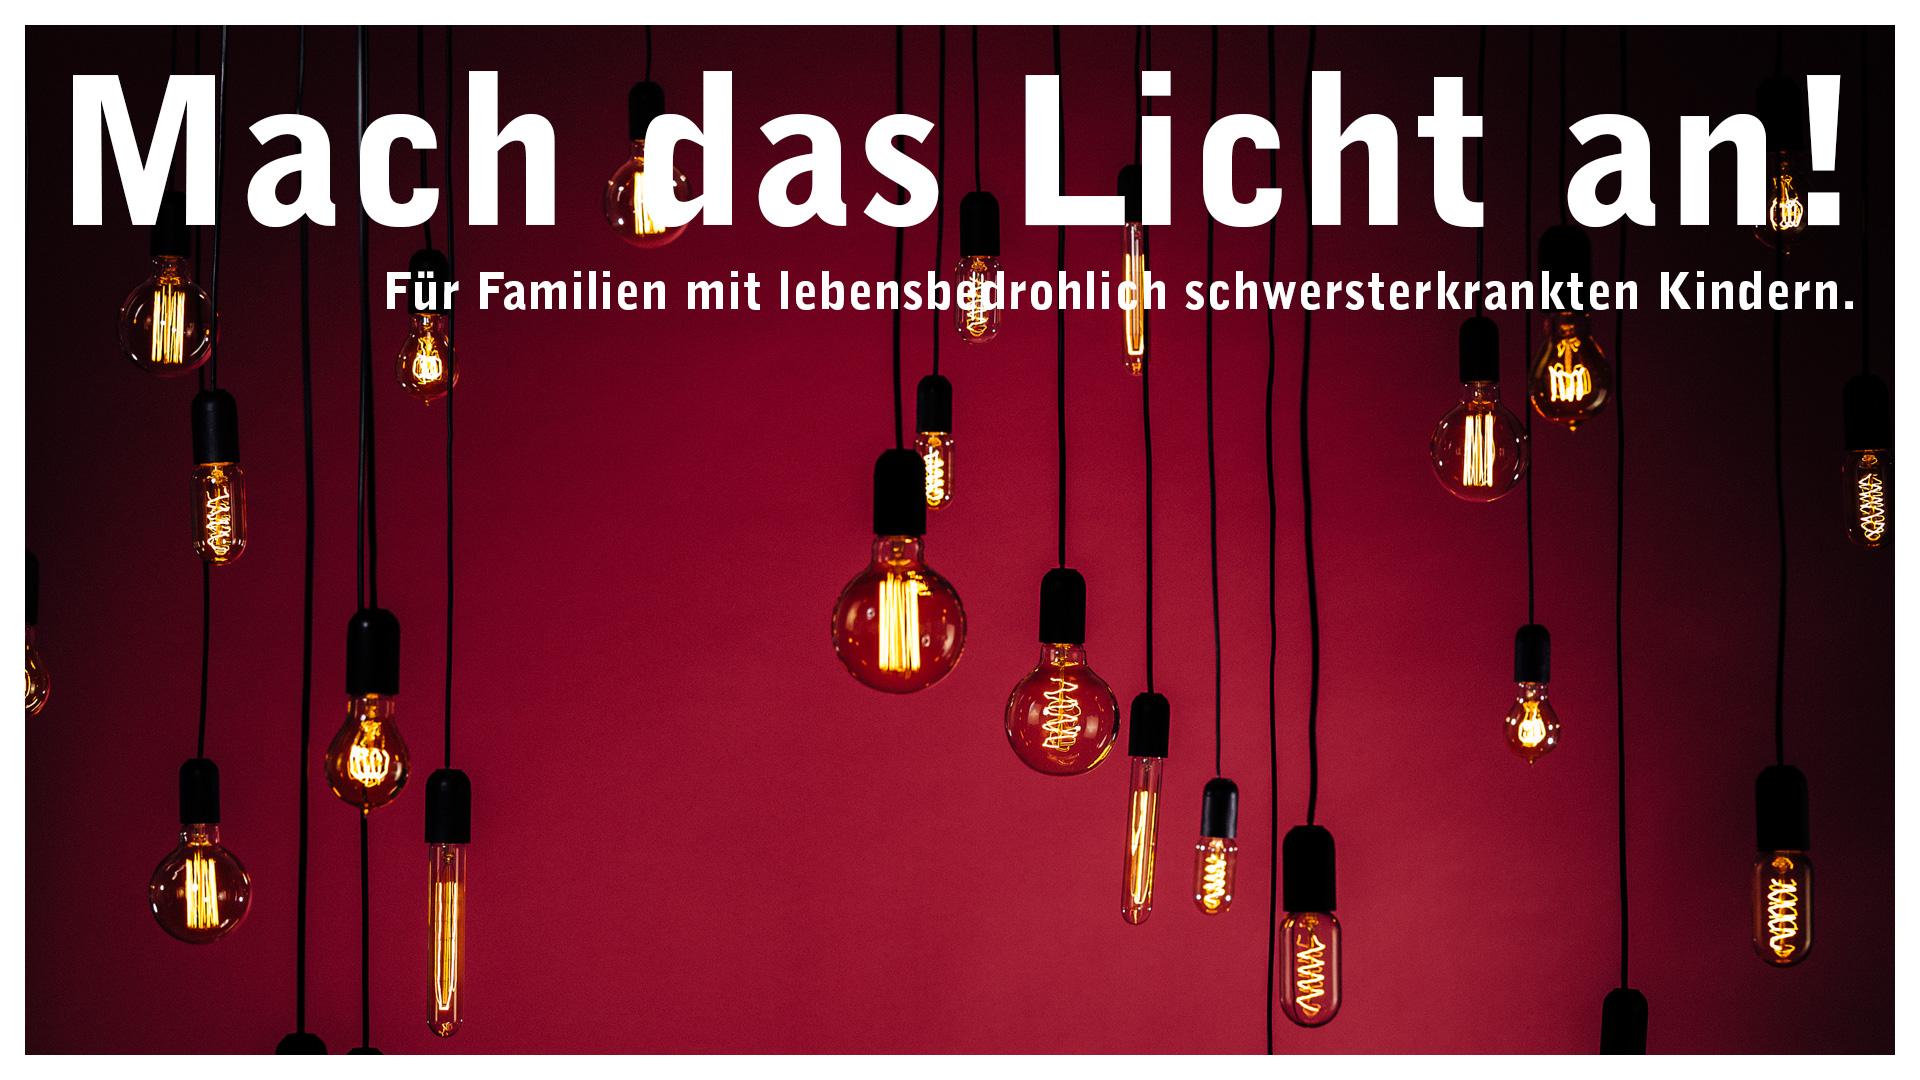 Mach-das-licht-an!_slider